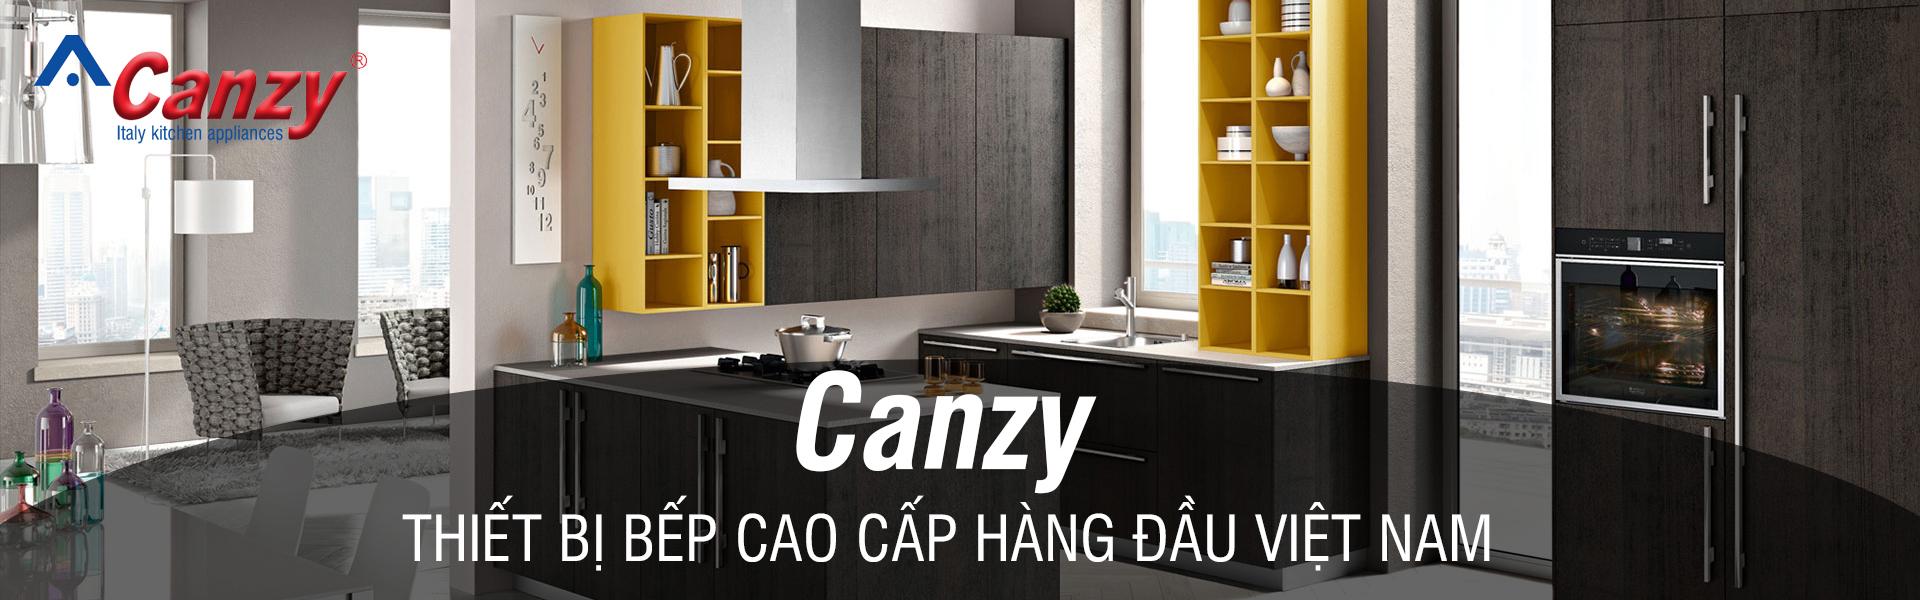 Máy lọc nước Canzy